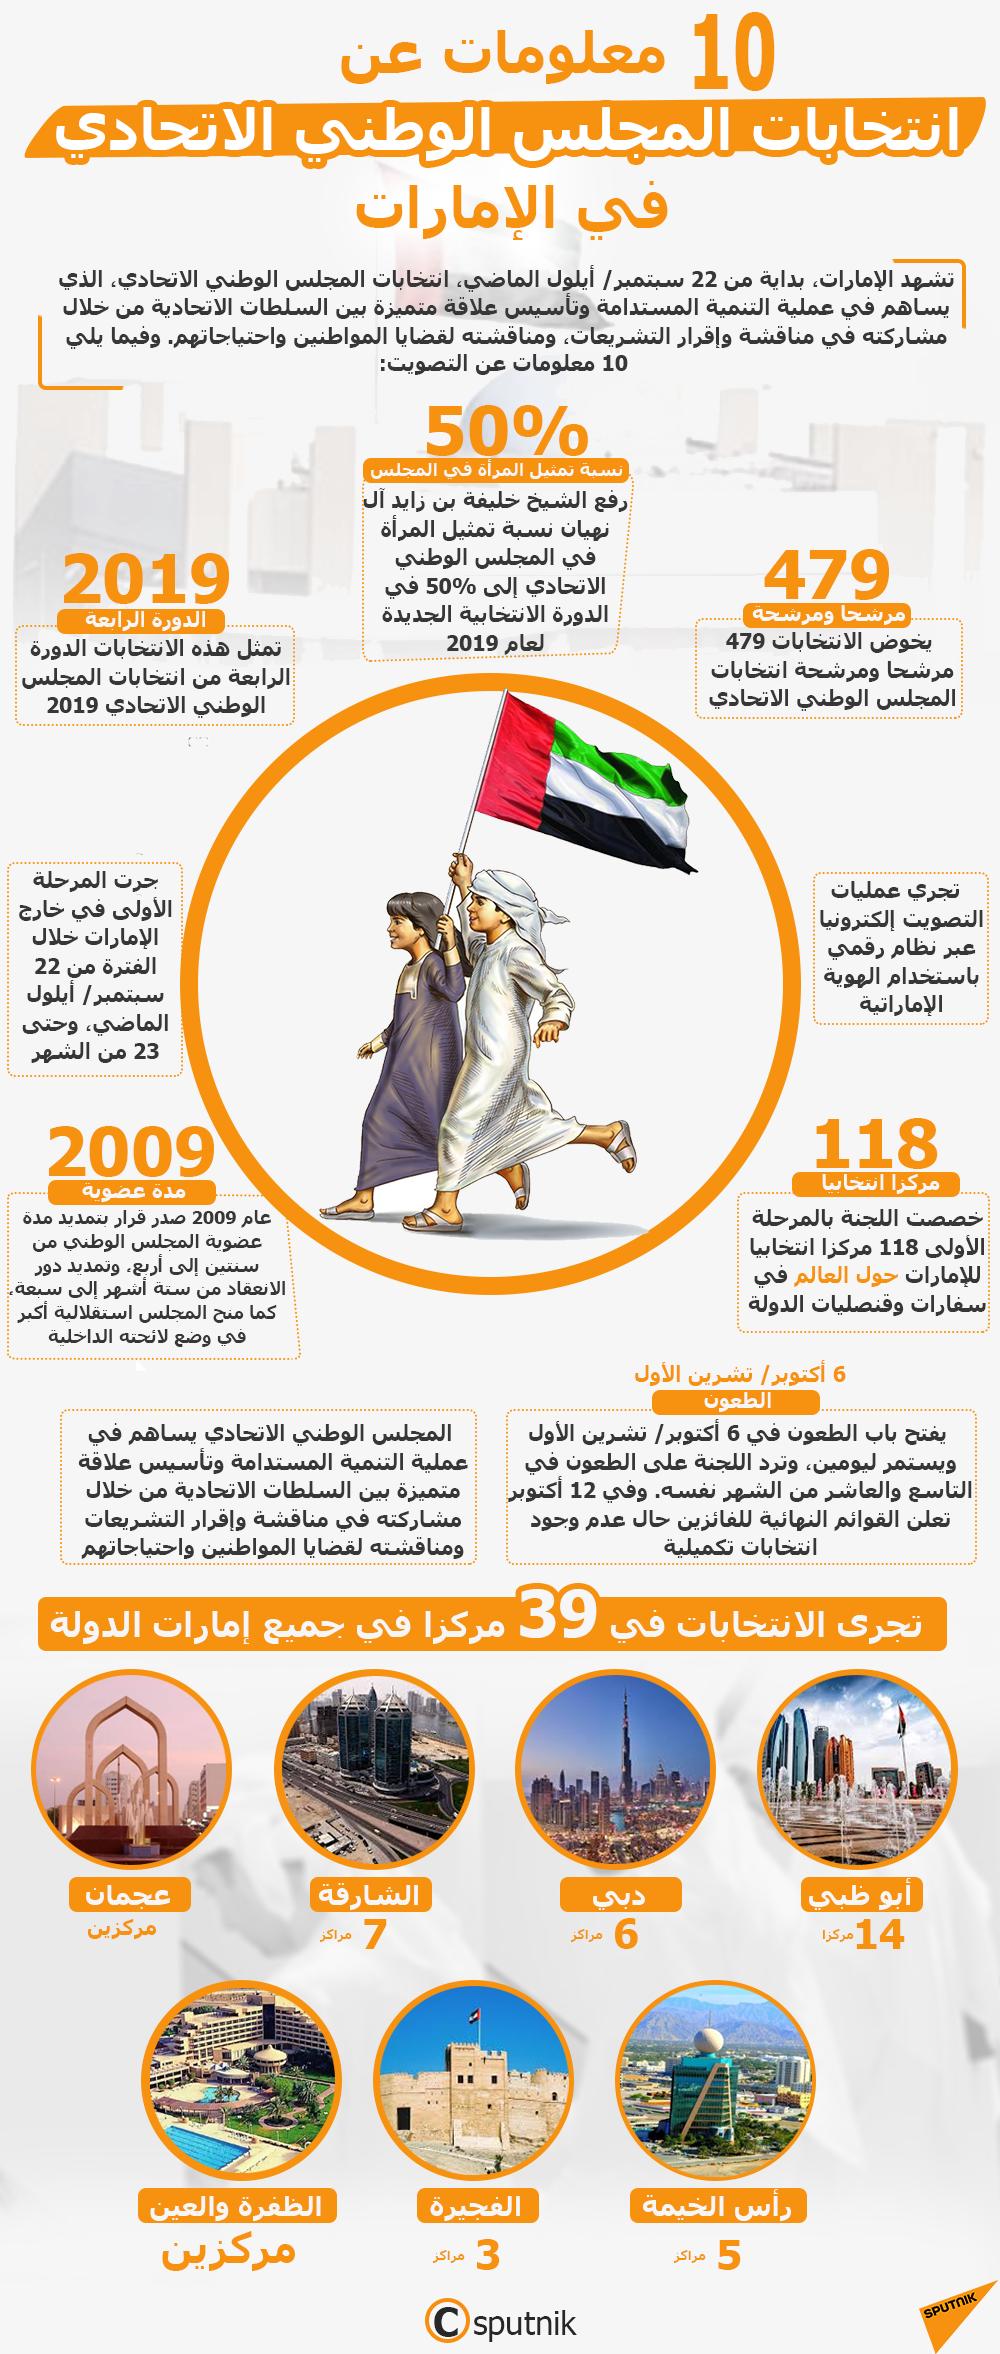 إنفوجرافيك - 10 معلومات عن انتخابات المجلس الوطني الاتحادي  في الإمارات